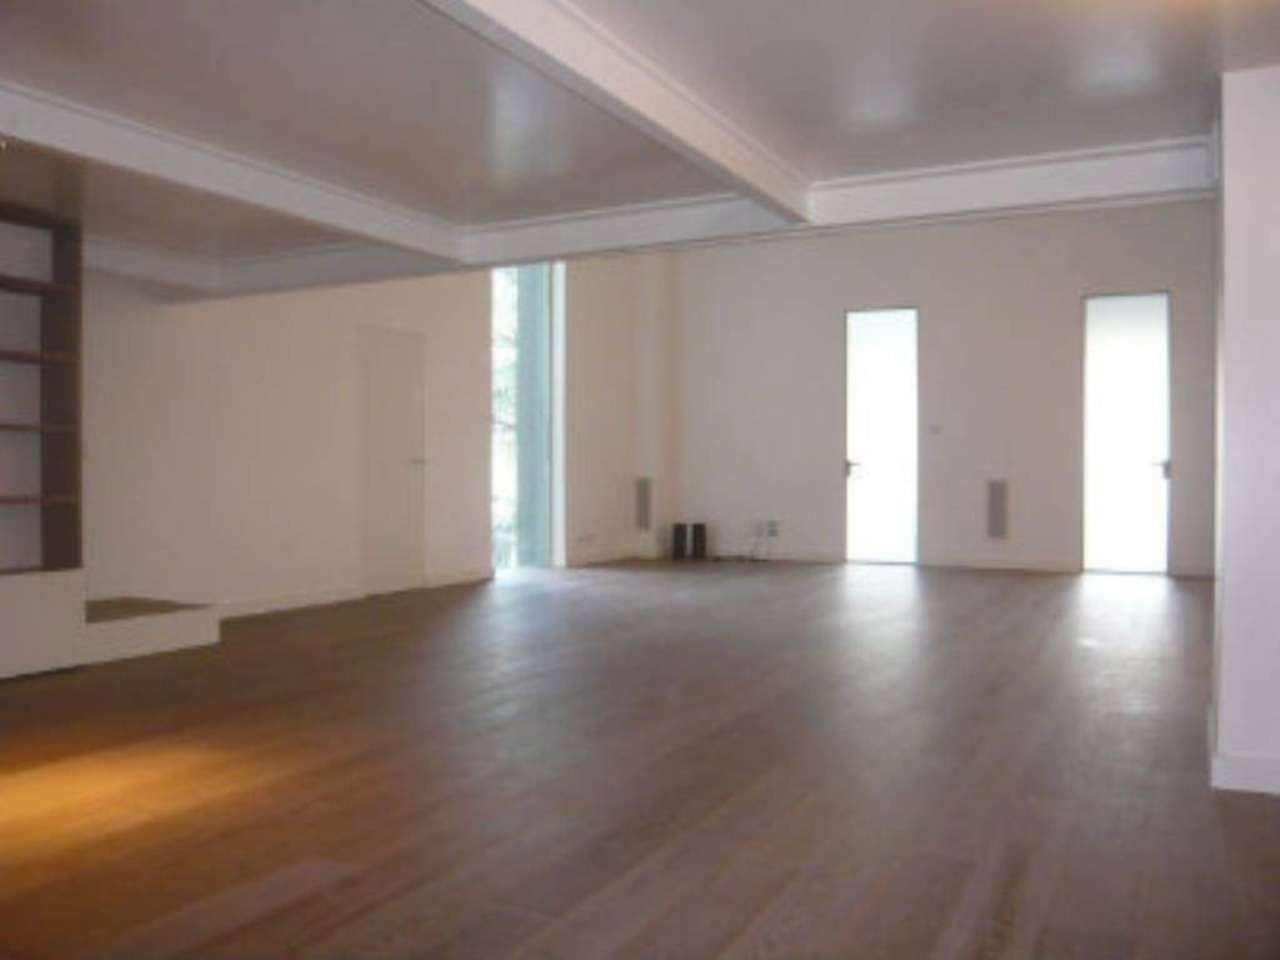 Appartamento in vendita a Milano, 5 locali, zona Zona: 3 . Bicocca, Greco, Monza, Palmanova, Padova, prezzo € 690.000 | Cambio Casa.it